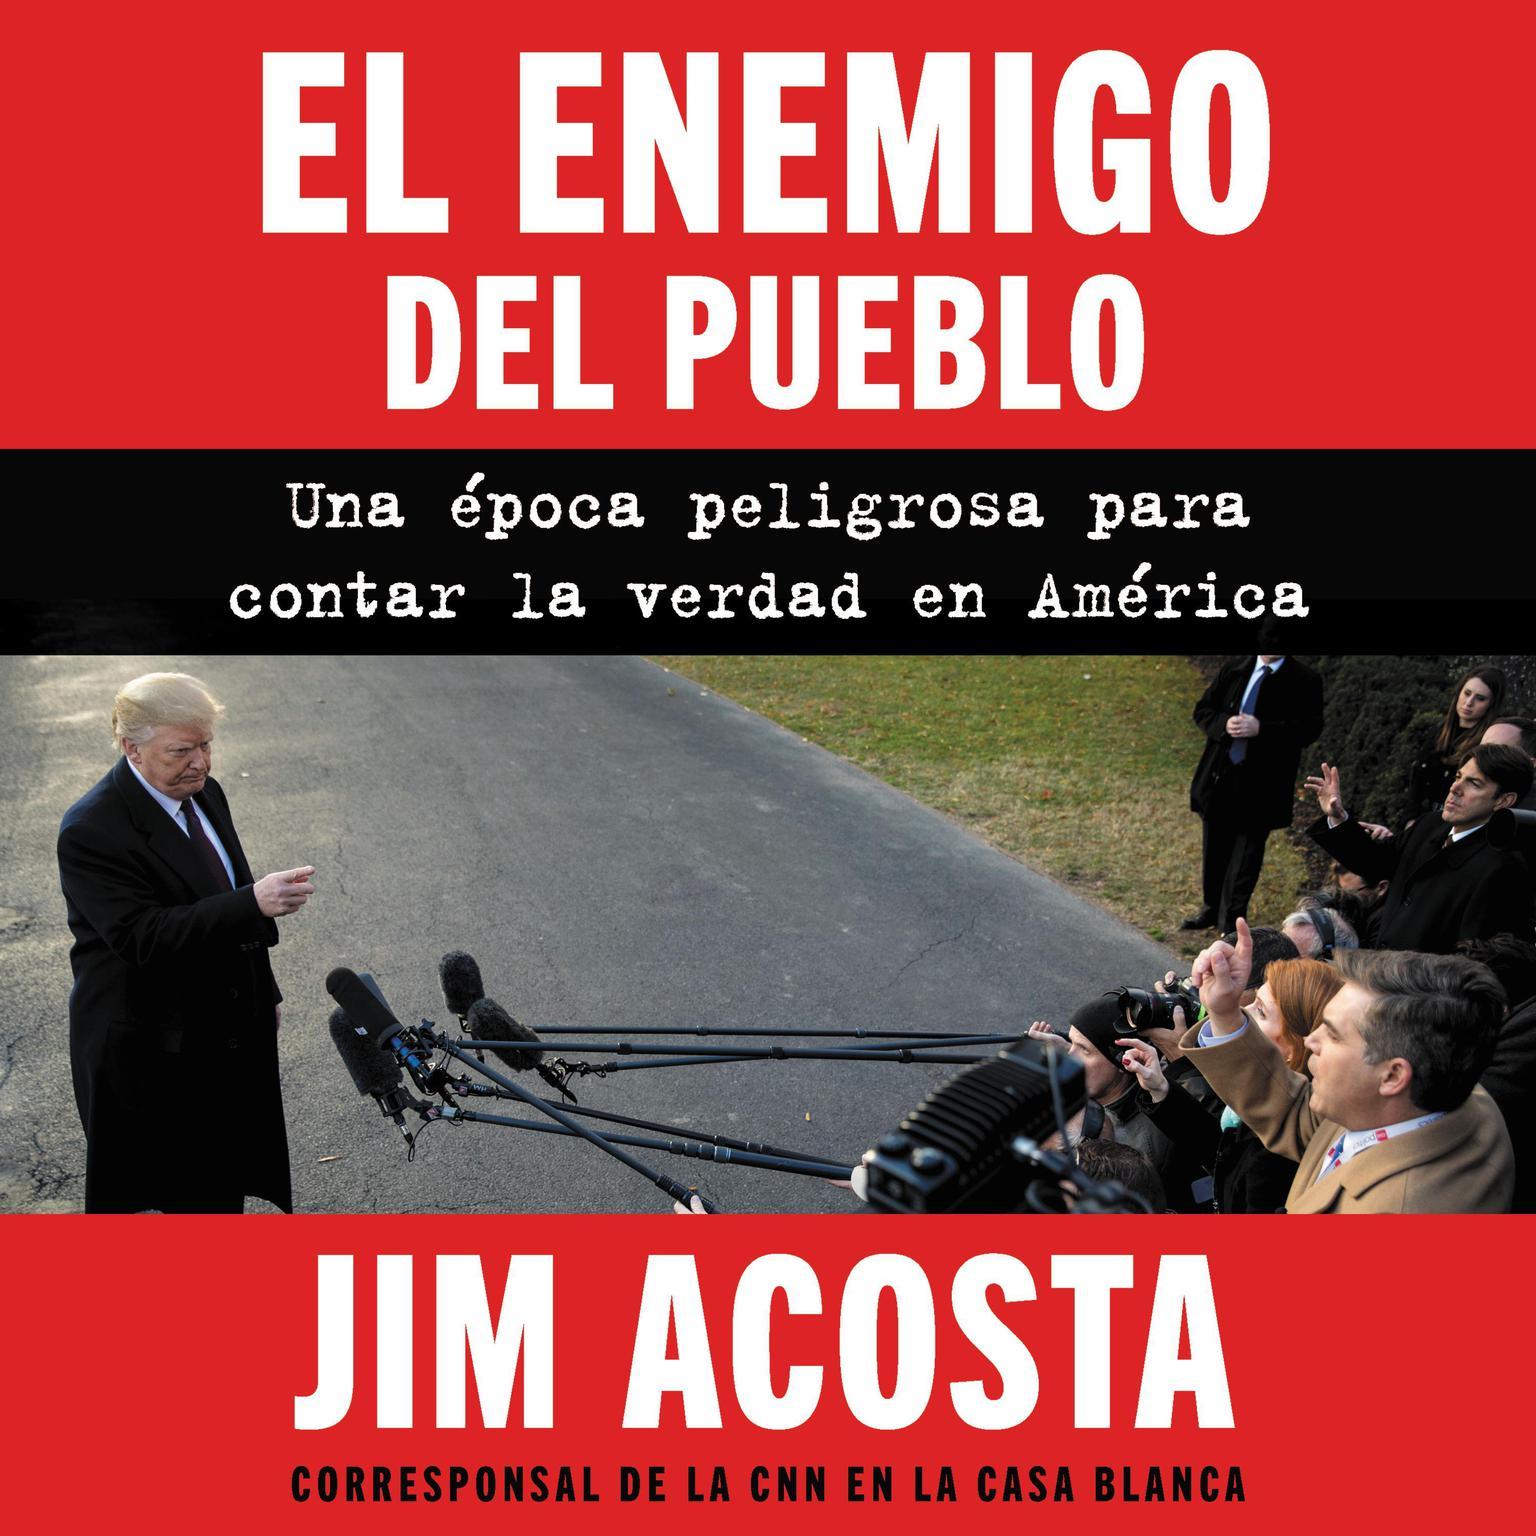 Printable Enemy of the People, The  enemigo del pueblo, El (Span ed): Una epoca peligrosa para contar la verdad en America Audiobook Cover Art